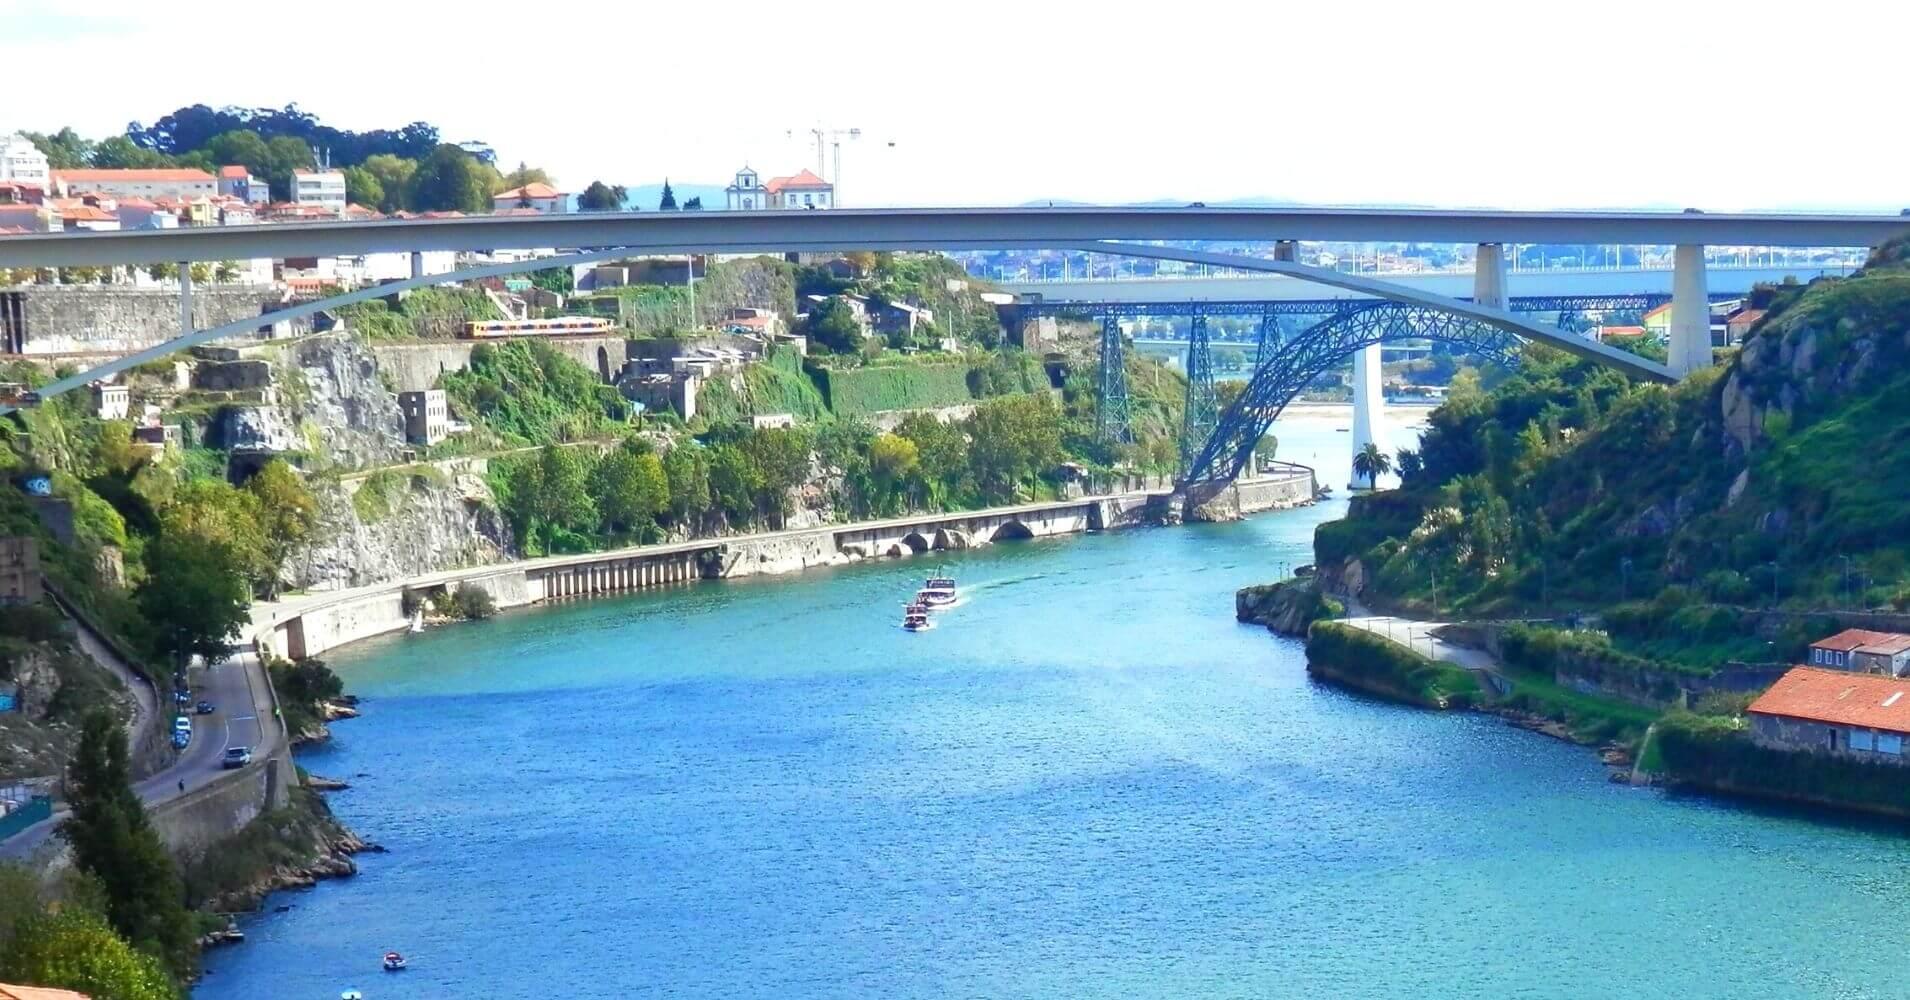 Río Duero y Puente de Luis I. Porto Escenario de Saudade. Oporto, Portugal.